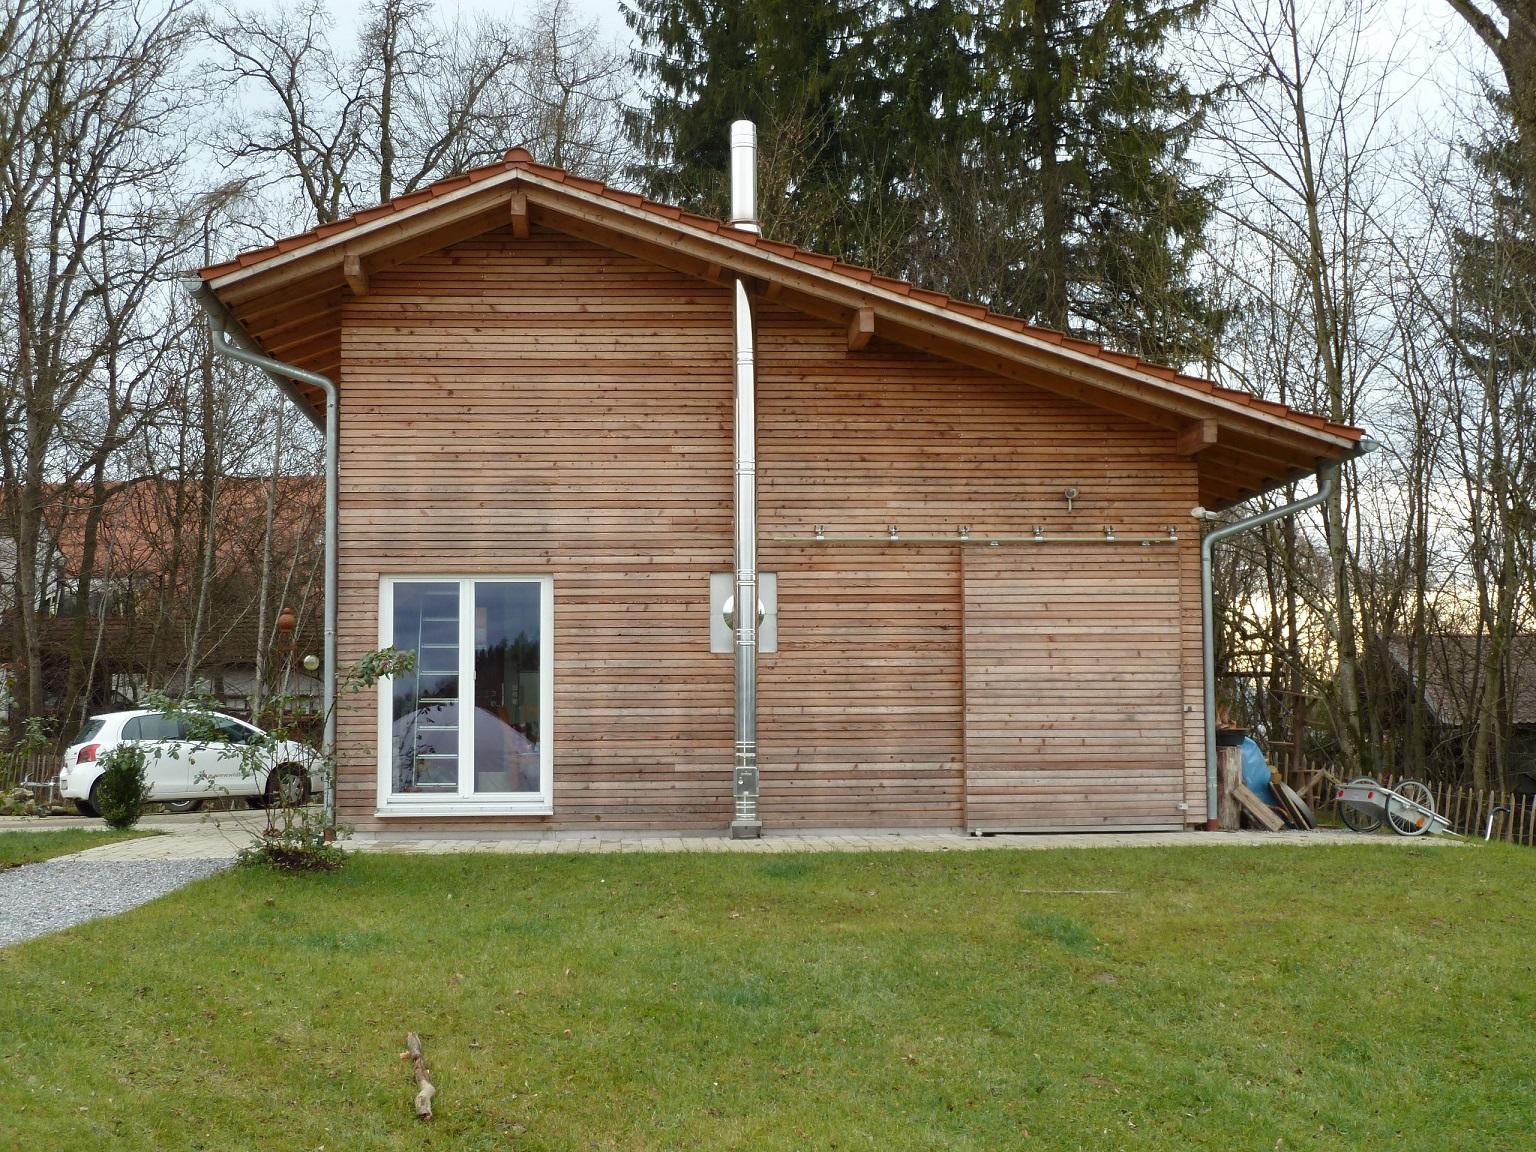 Edelstahlschornstein Bausatz Ø 250 mm - doppelwandig - Tecnovis DW-Silver